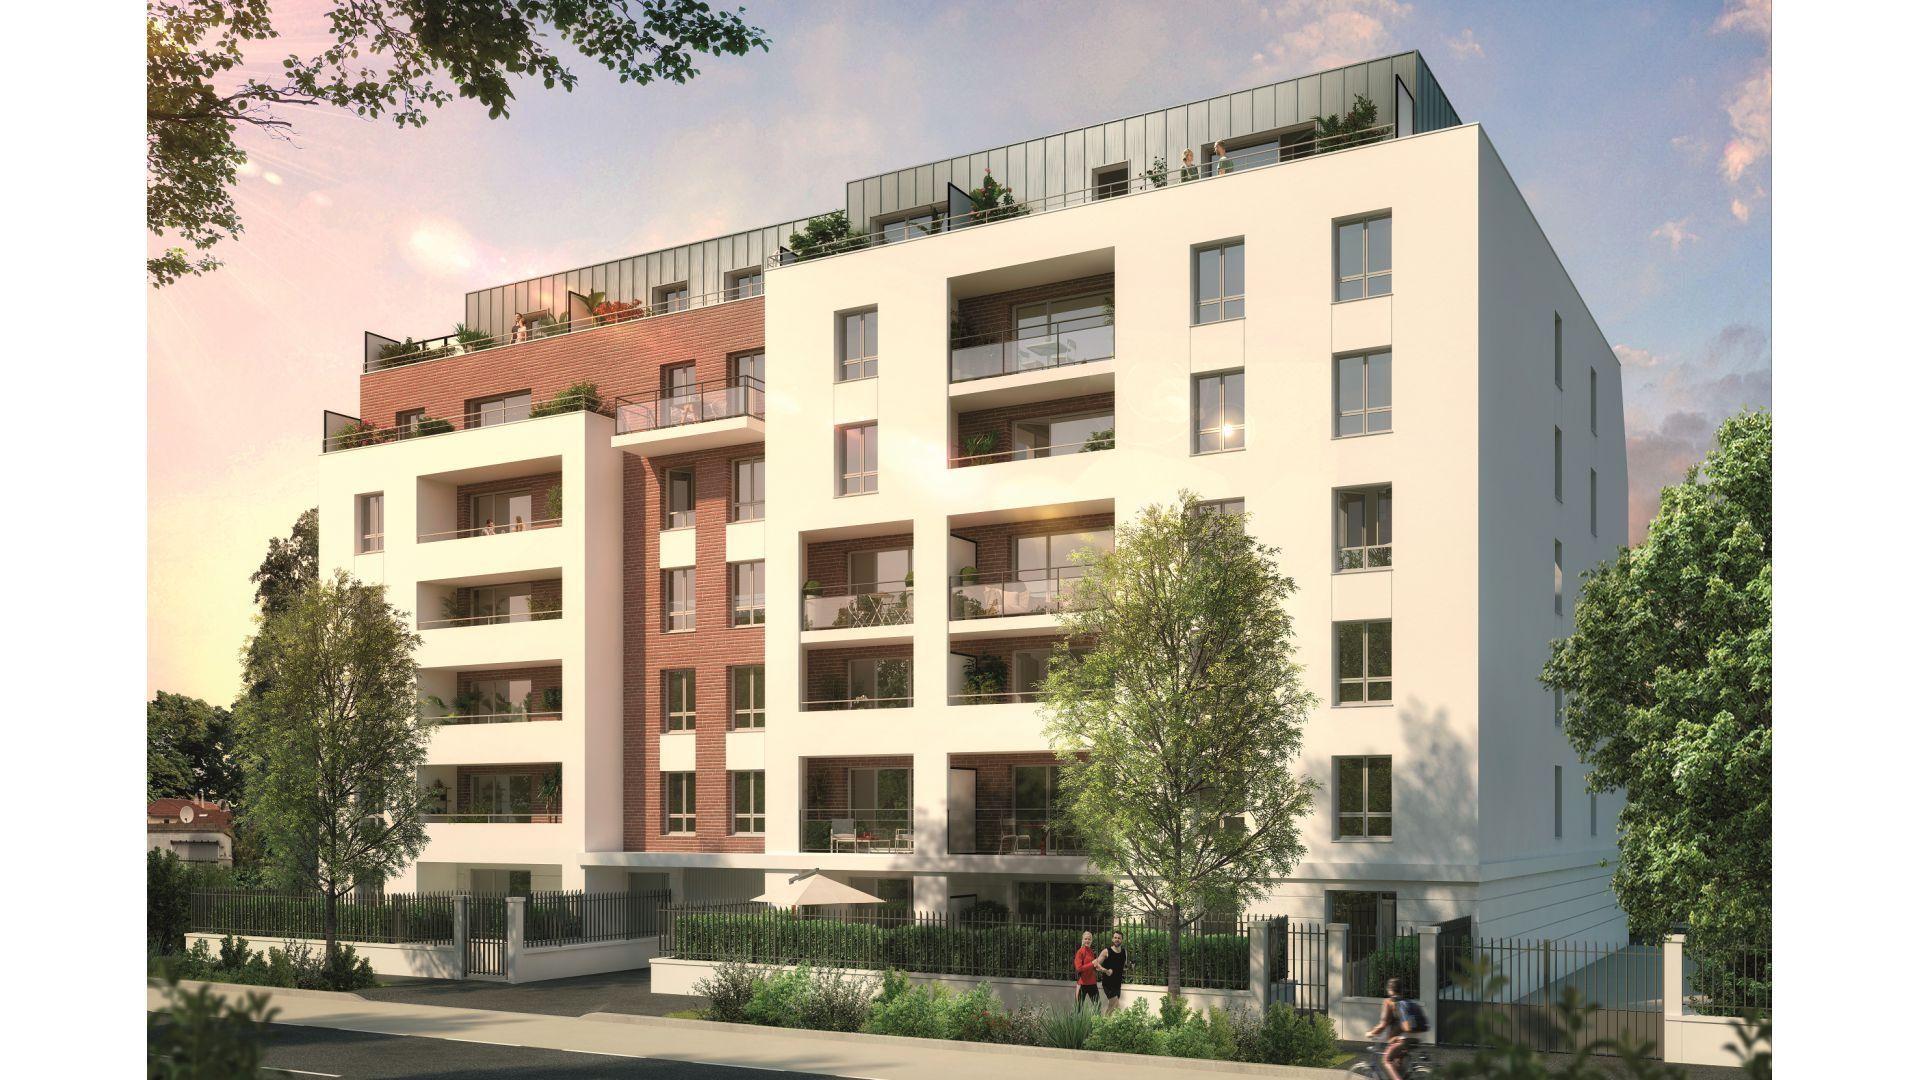 Greencity Immobilier - Résidence Cours Briand - 93190 Livry-Gargan - appartements neufs du T1 au T4Duplex